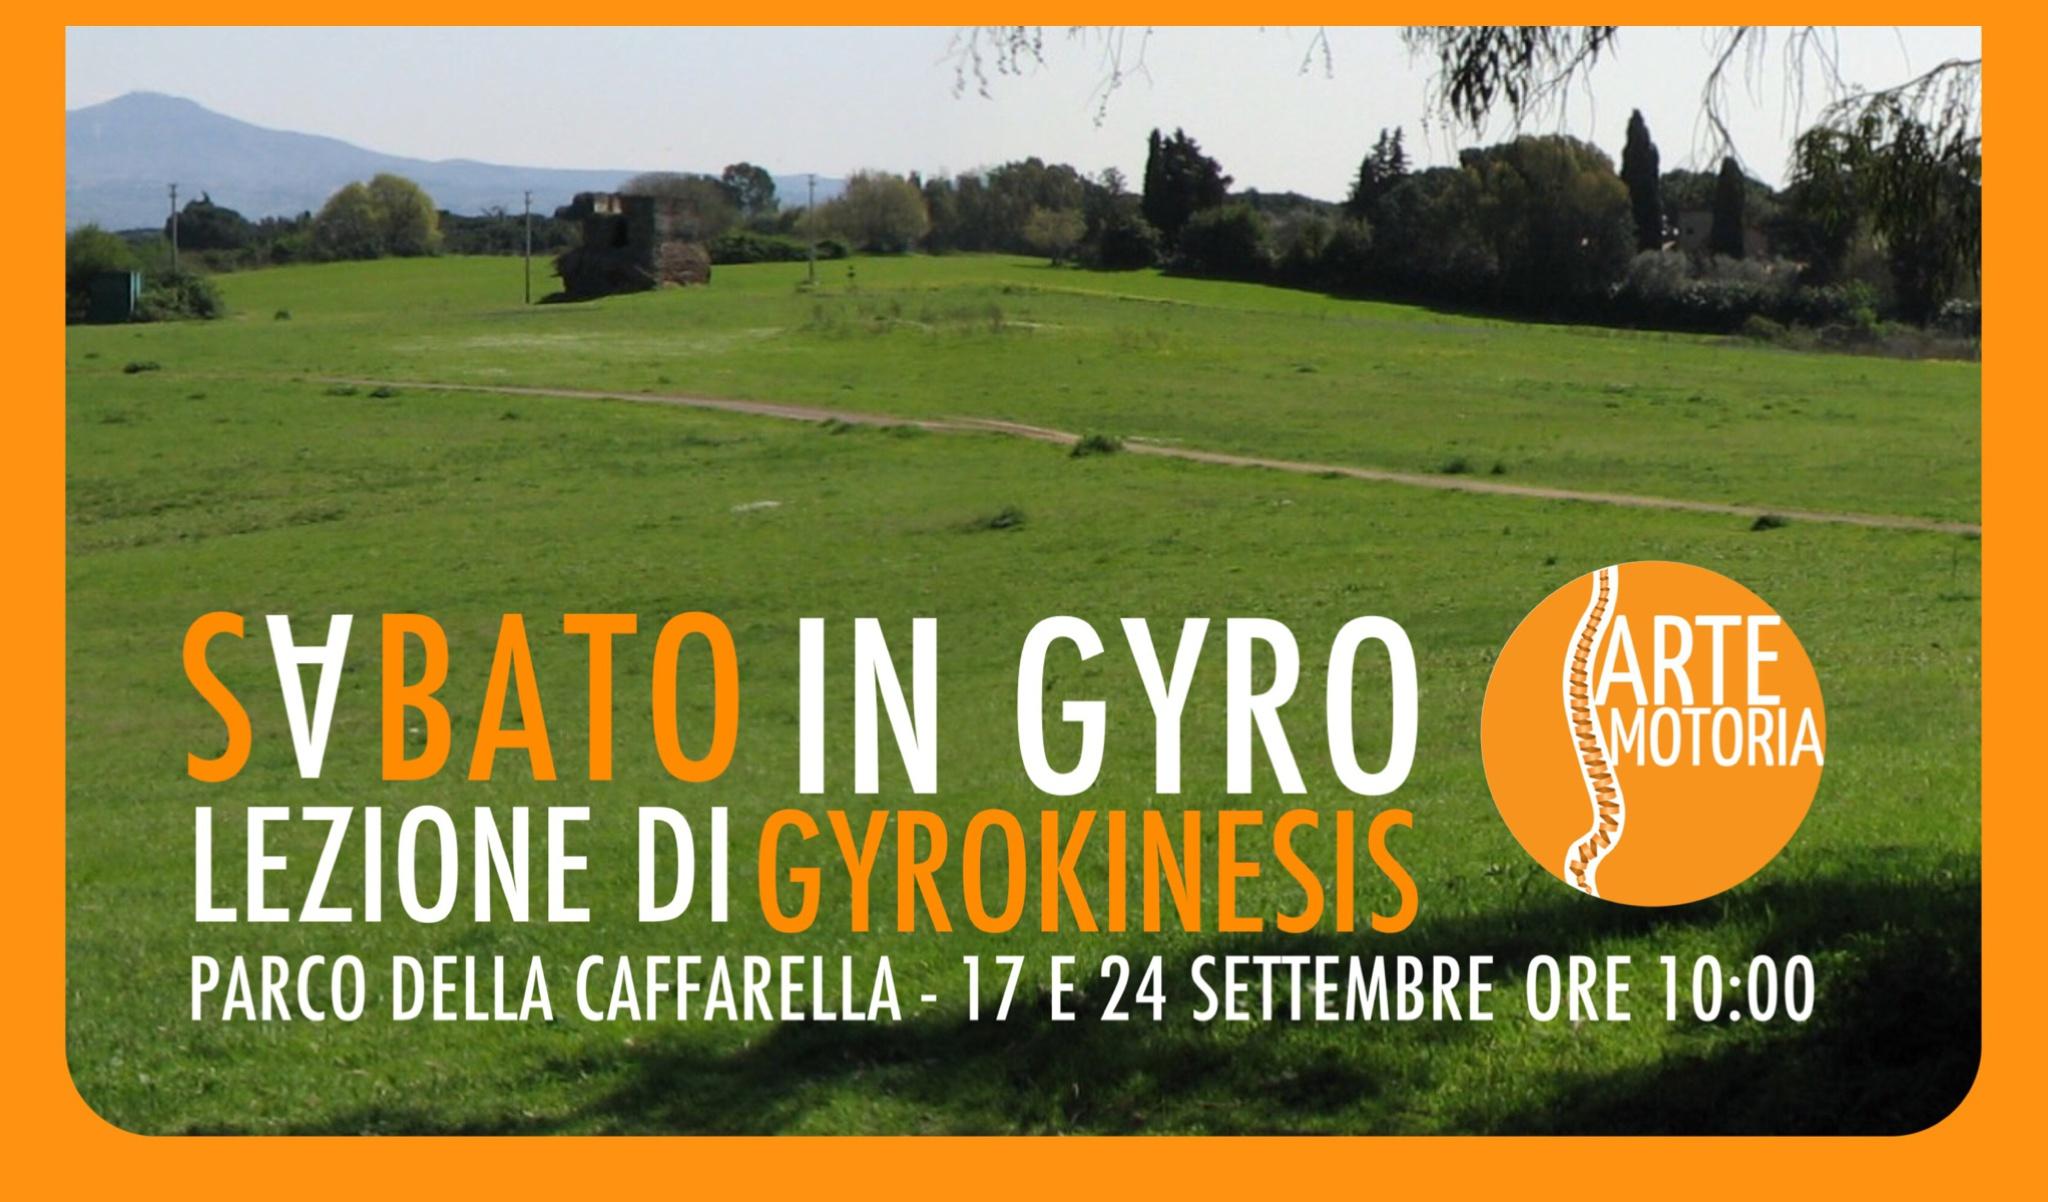 GYROKINESIS CAFFARELLA